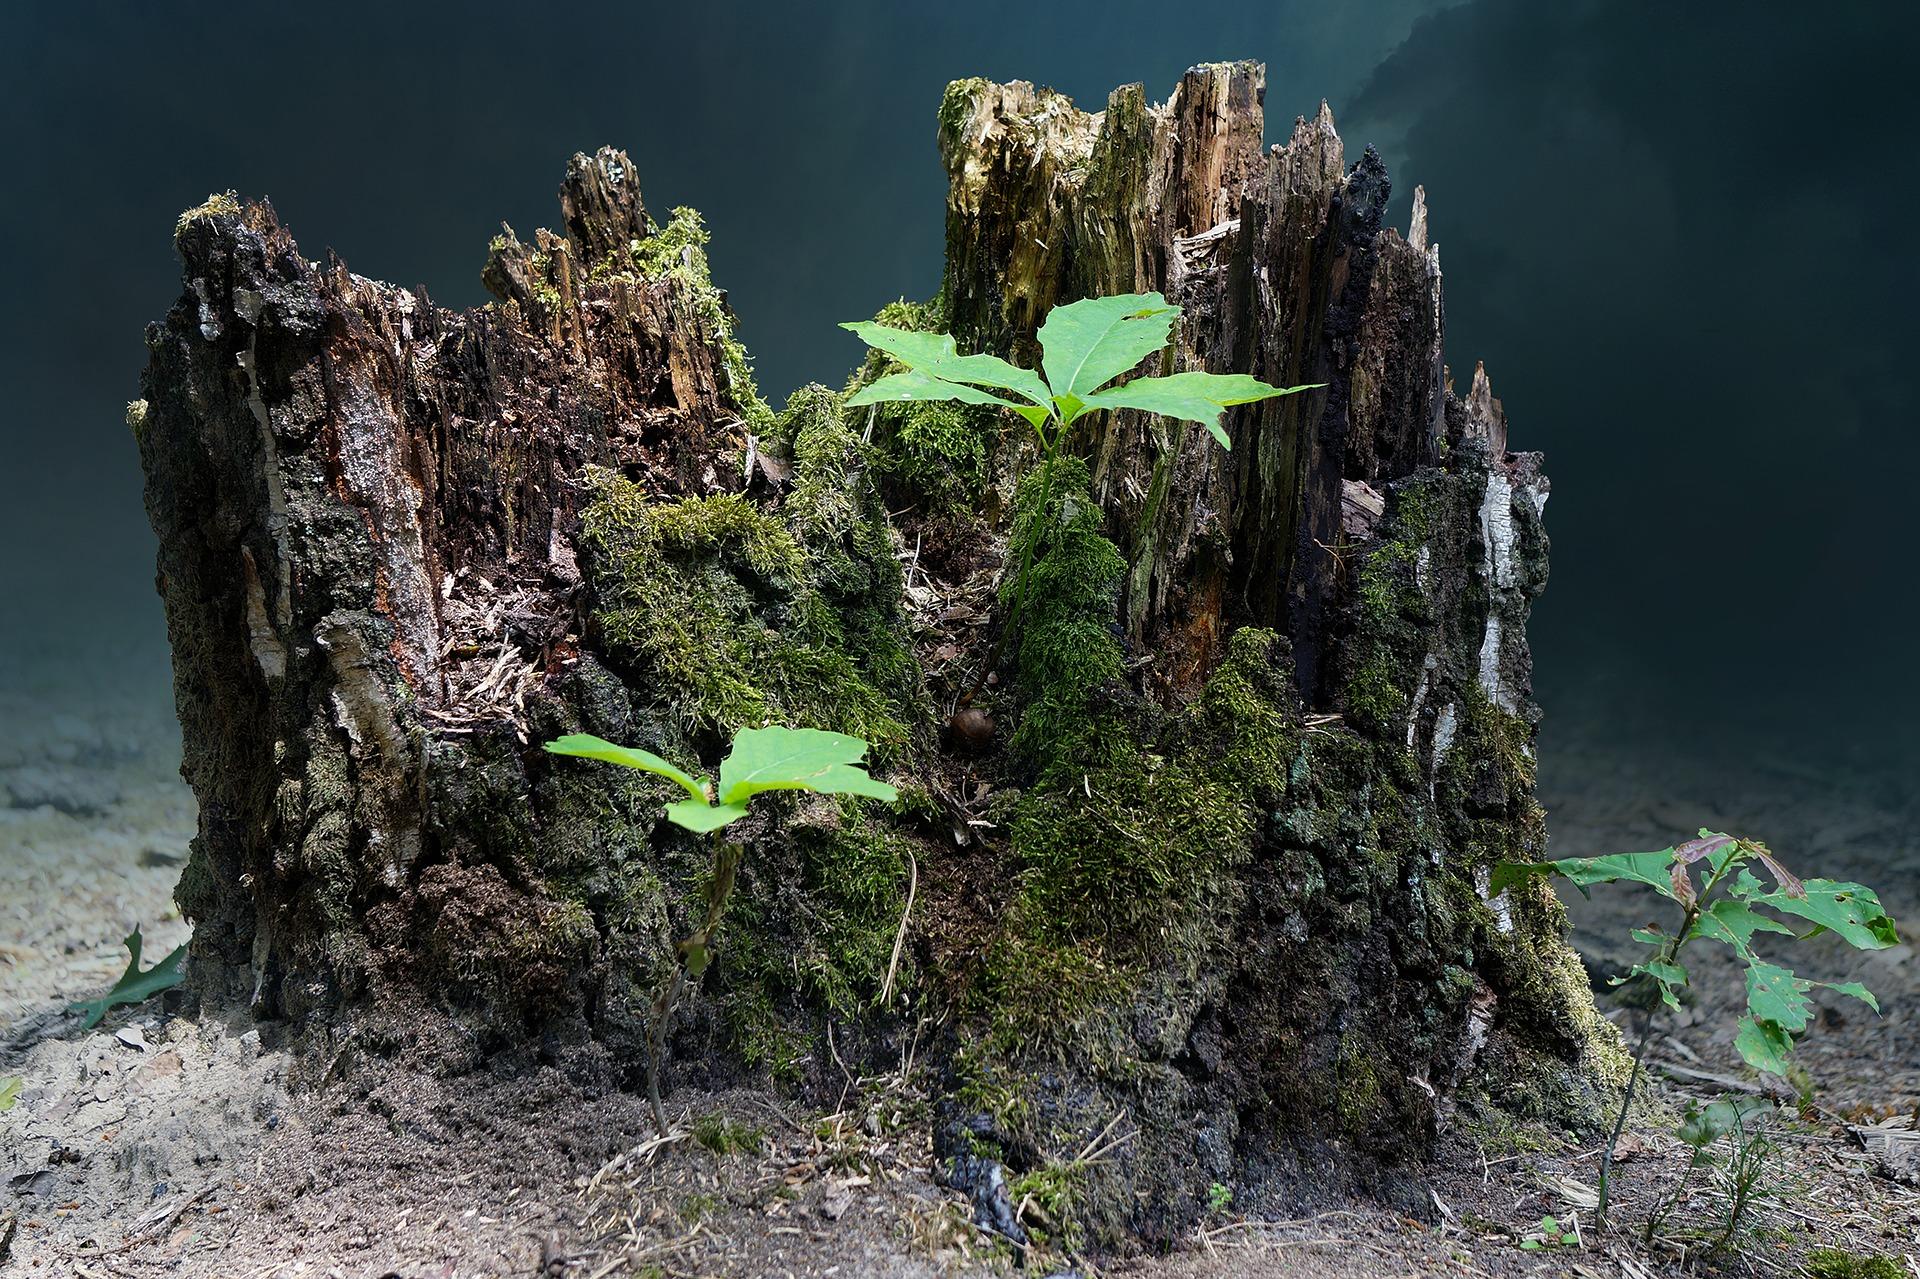 tree-stump-2267010_1920.jpg